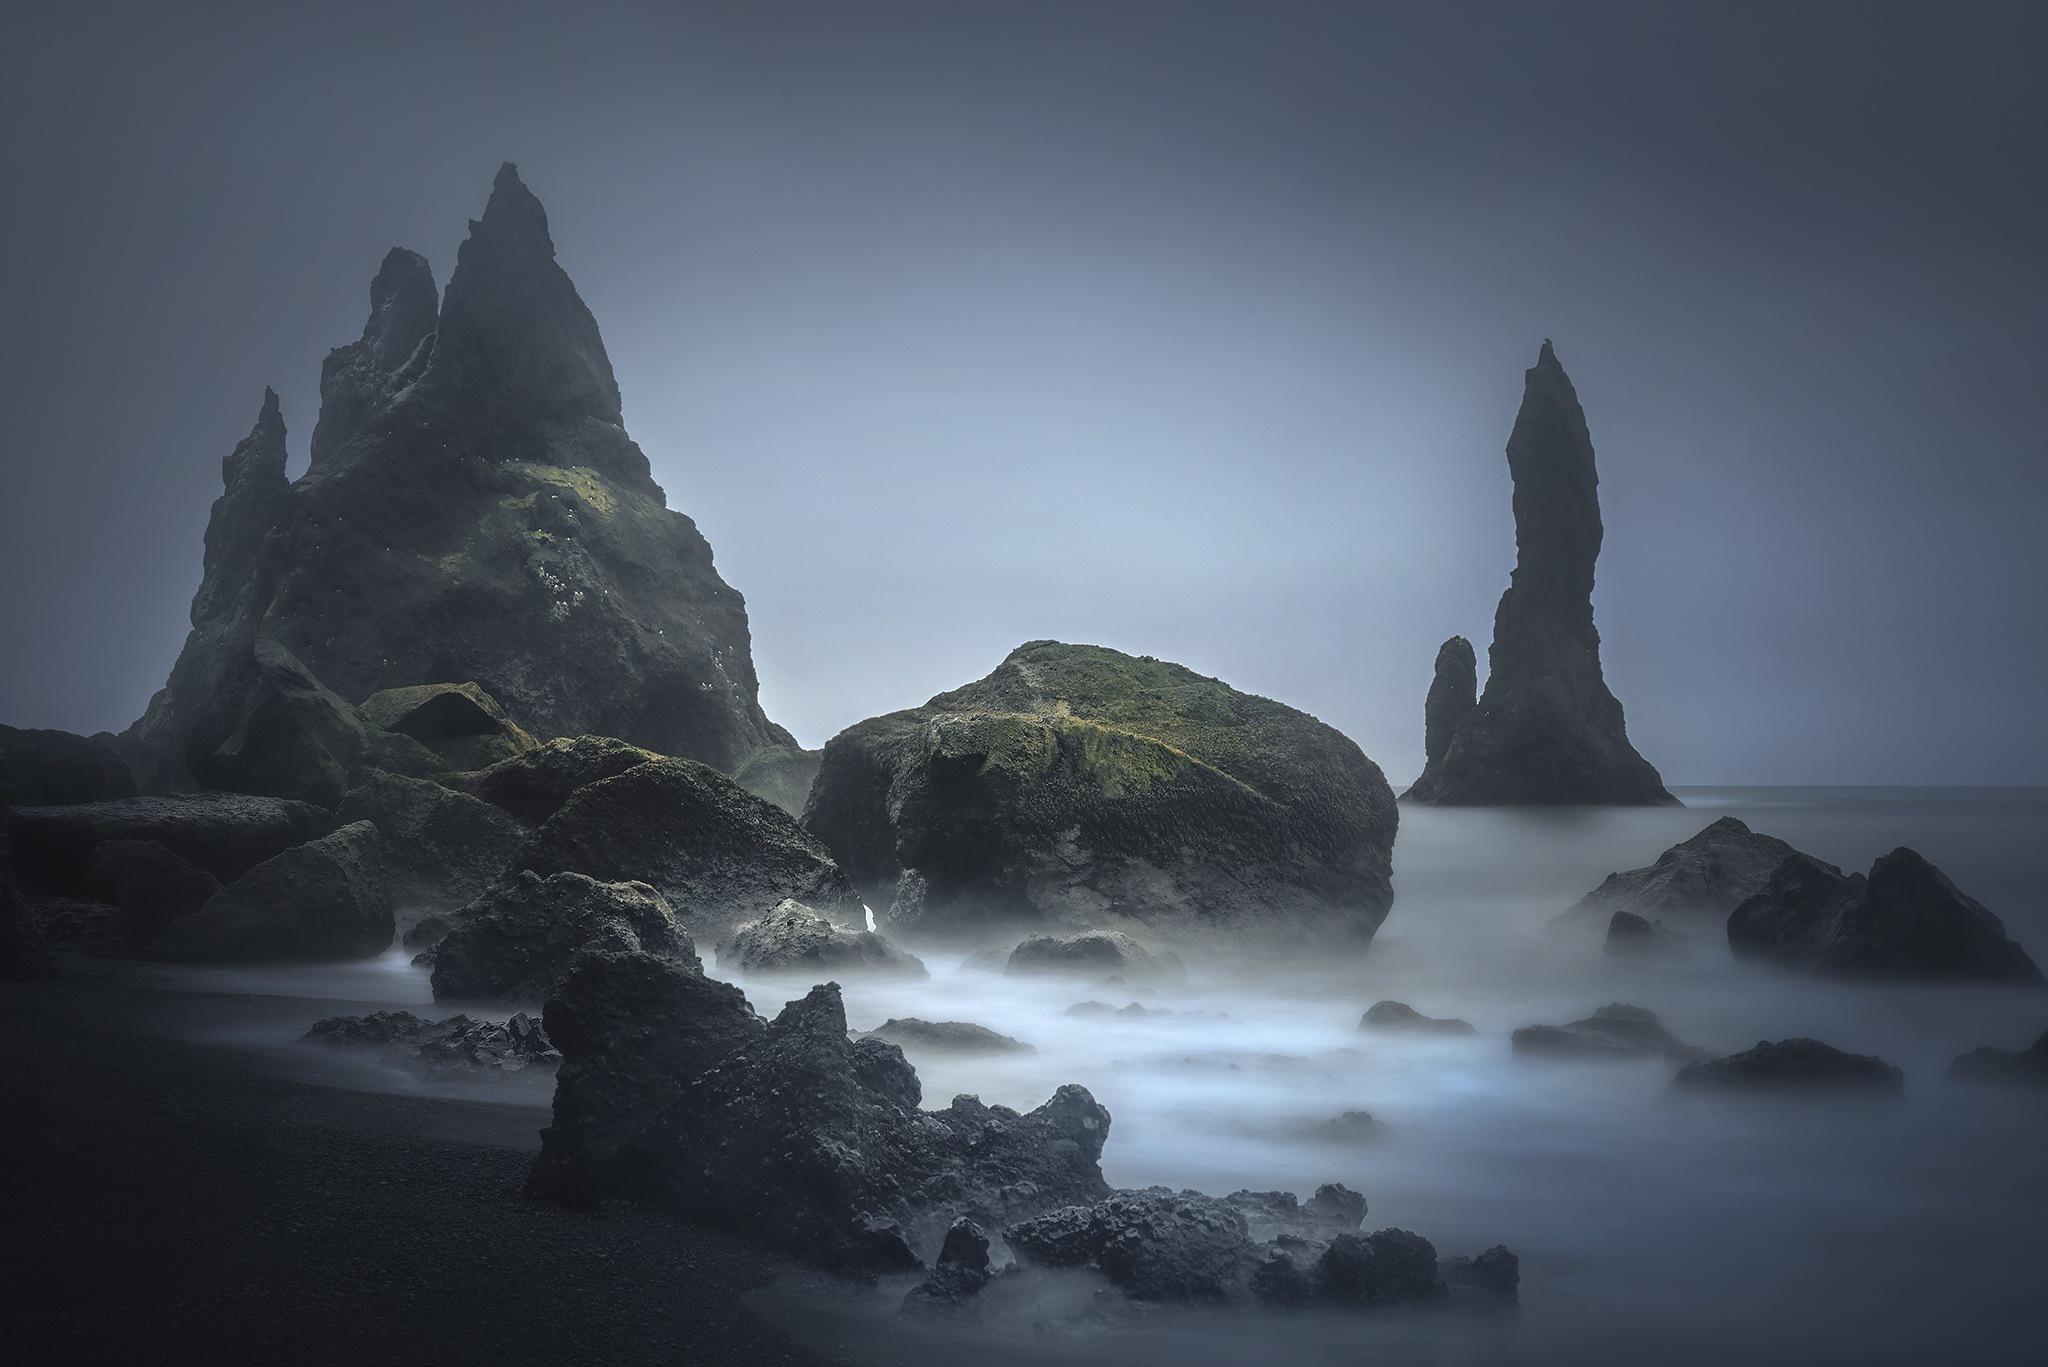 Black Water iceland islanda elaborazione acqua cascata mare oceano photoshop processing orton